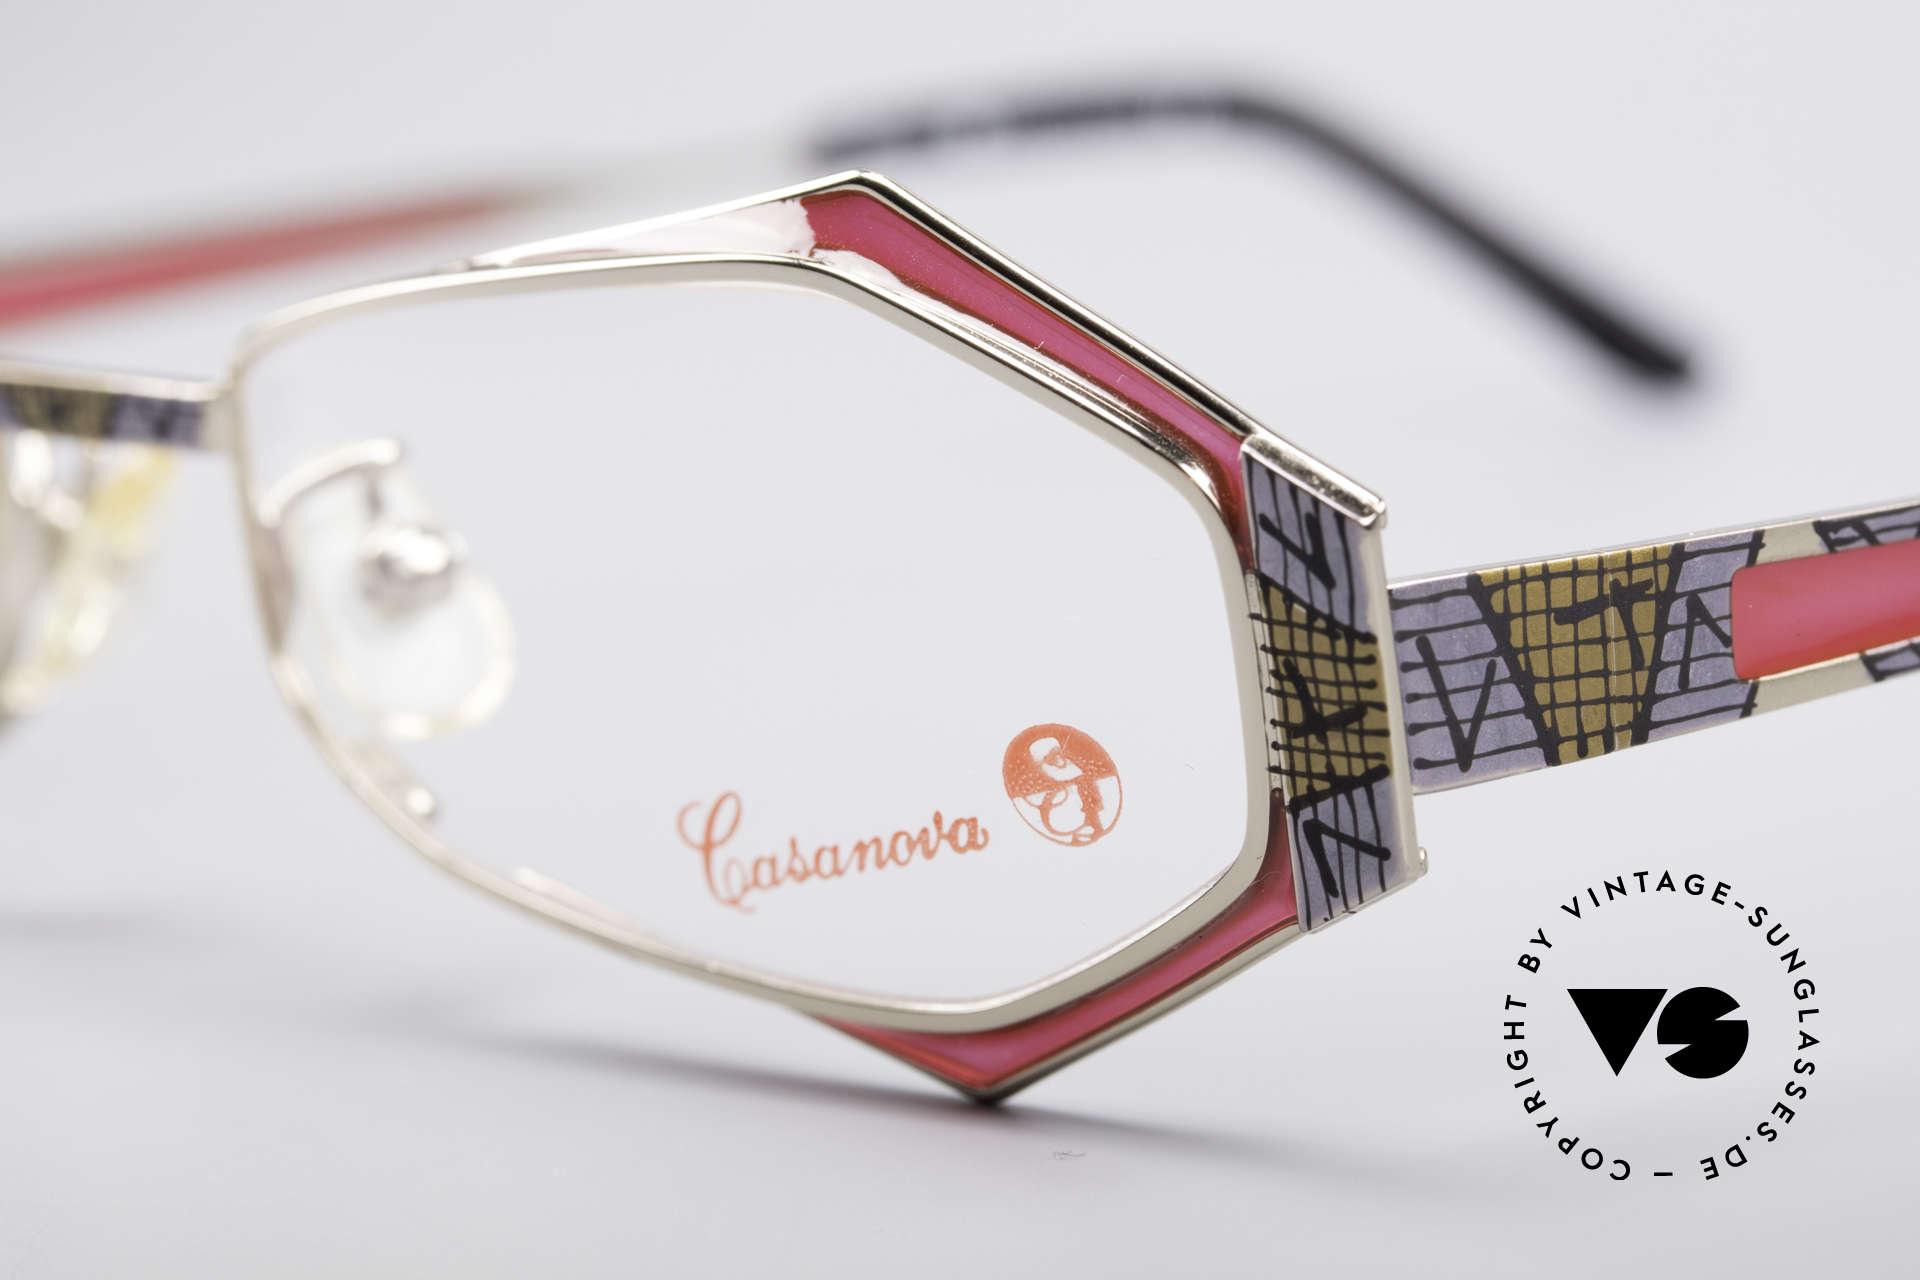 Casanova LC54 Damen Vintage Brille, ungetragen (wie alle unsere kunstvollen CASANOVAS), Passend für Damen